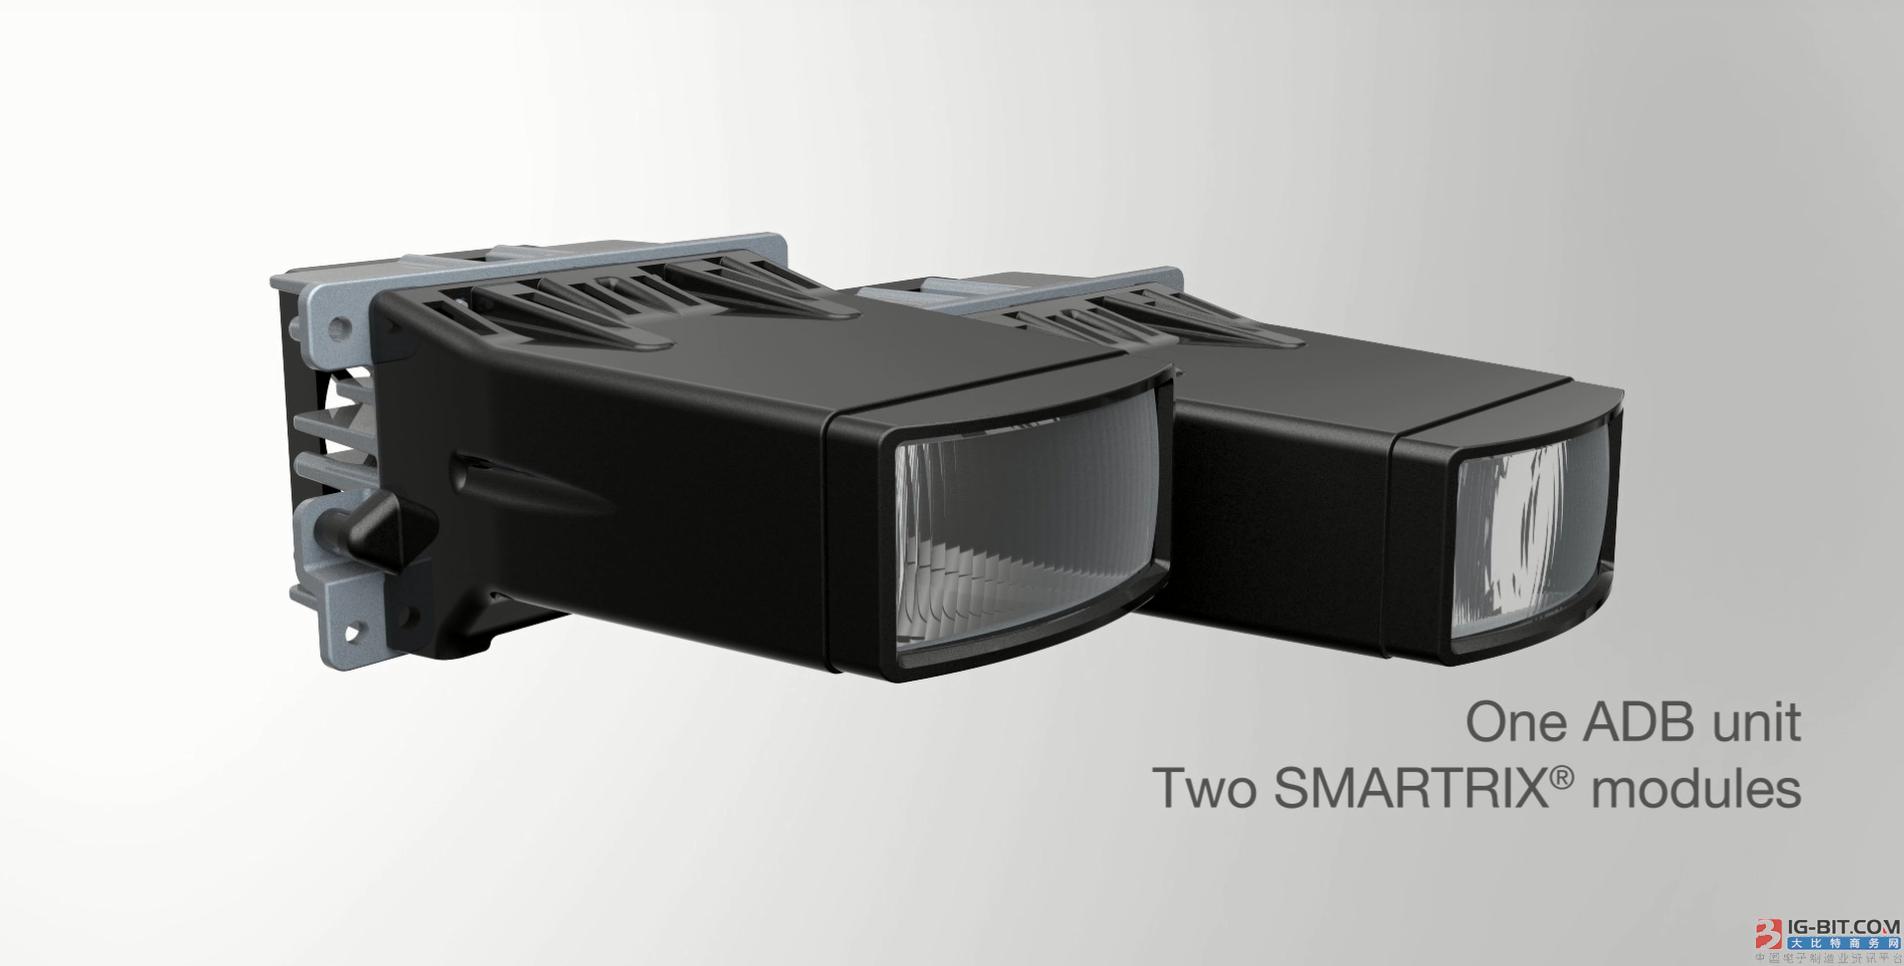 欧司朗全新Compact ADB(Adaptive Driving Beam)车辆照明系统 吹响道路安全集结号